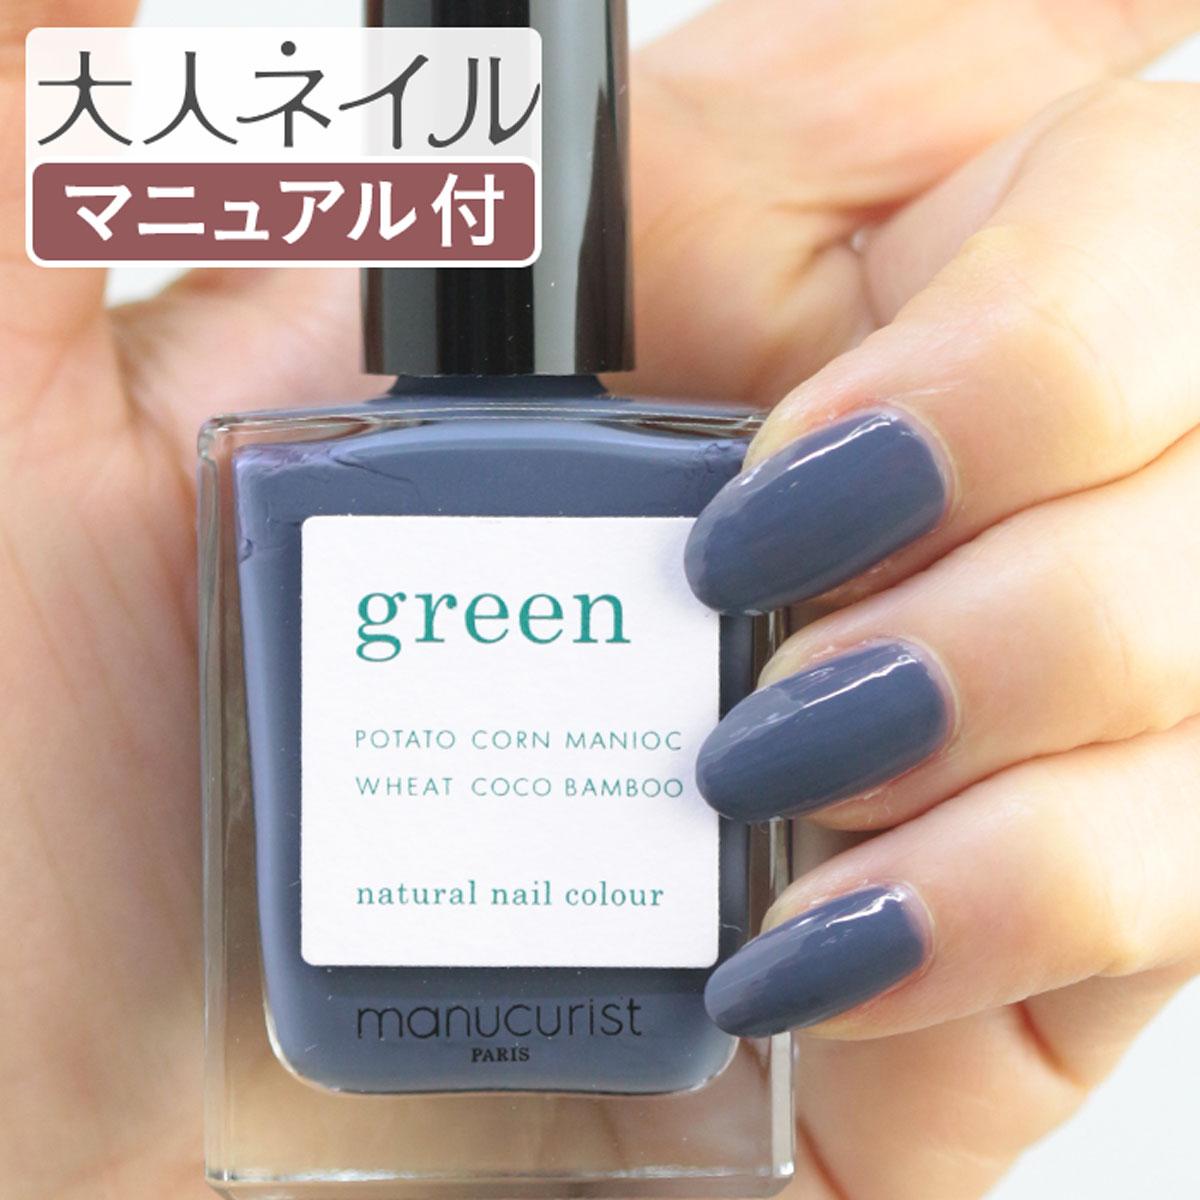 green グリーン ナチュラルネイルカラー ポピーシード 31014 15ml 爪にやさしい マニキュア セルフネイル 秋カラー 秋ネイル グレー スモーキー